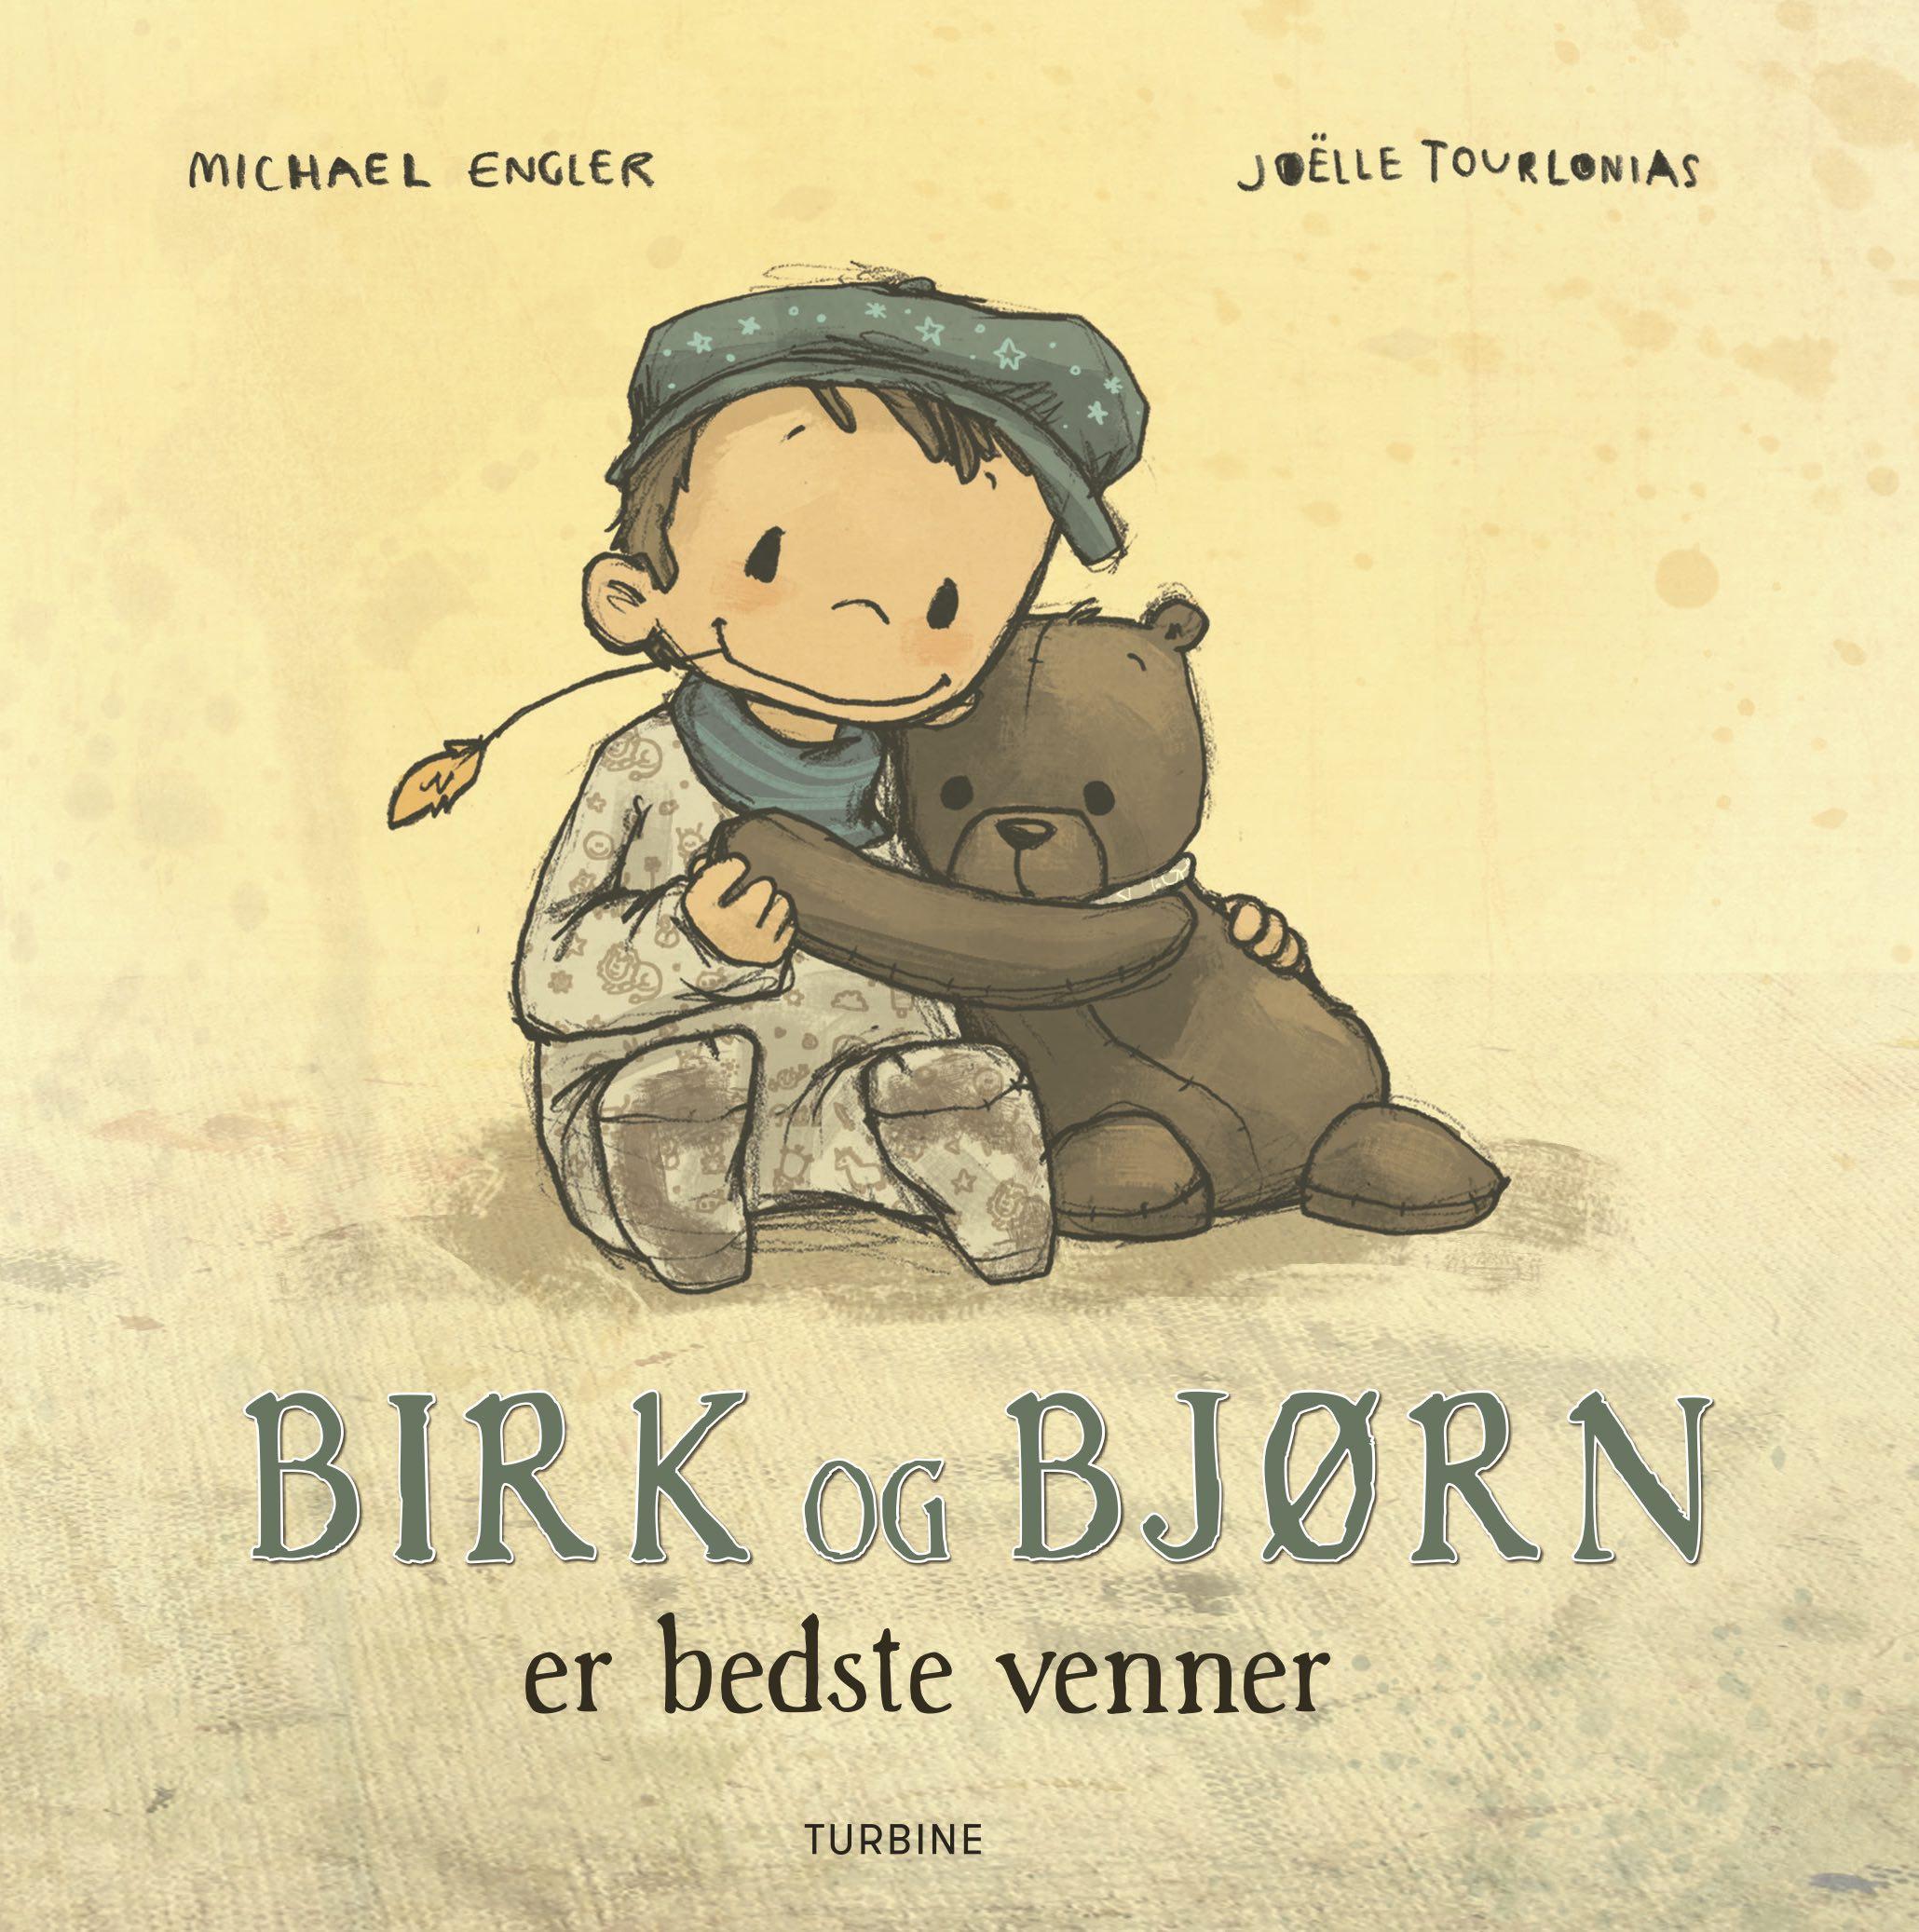 Birk og Bjørn er bedste venner